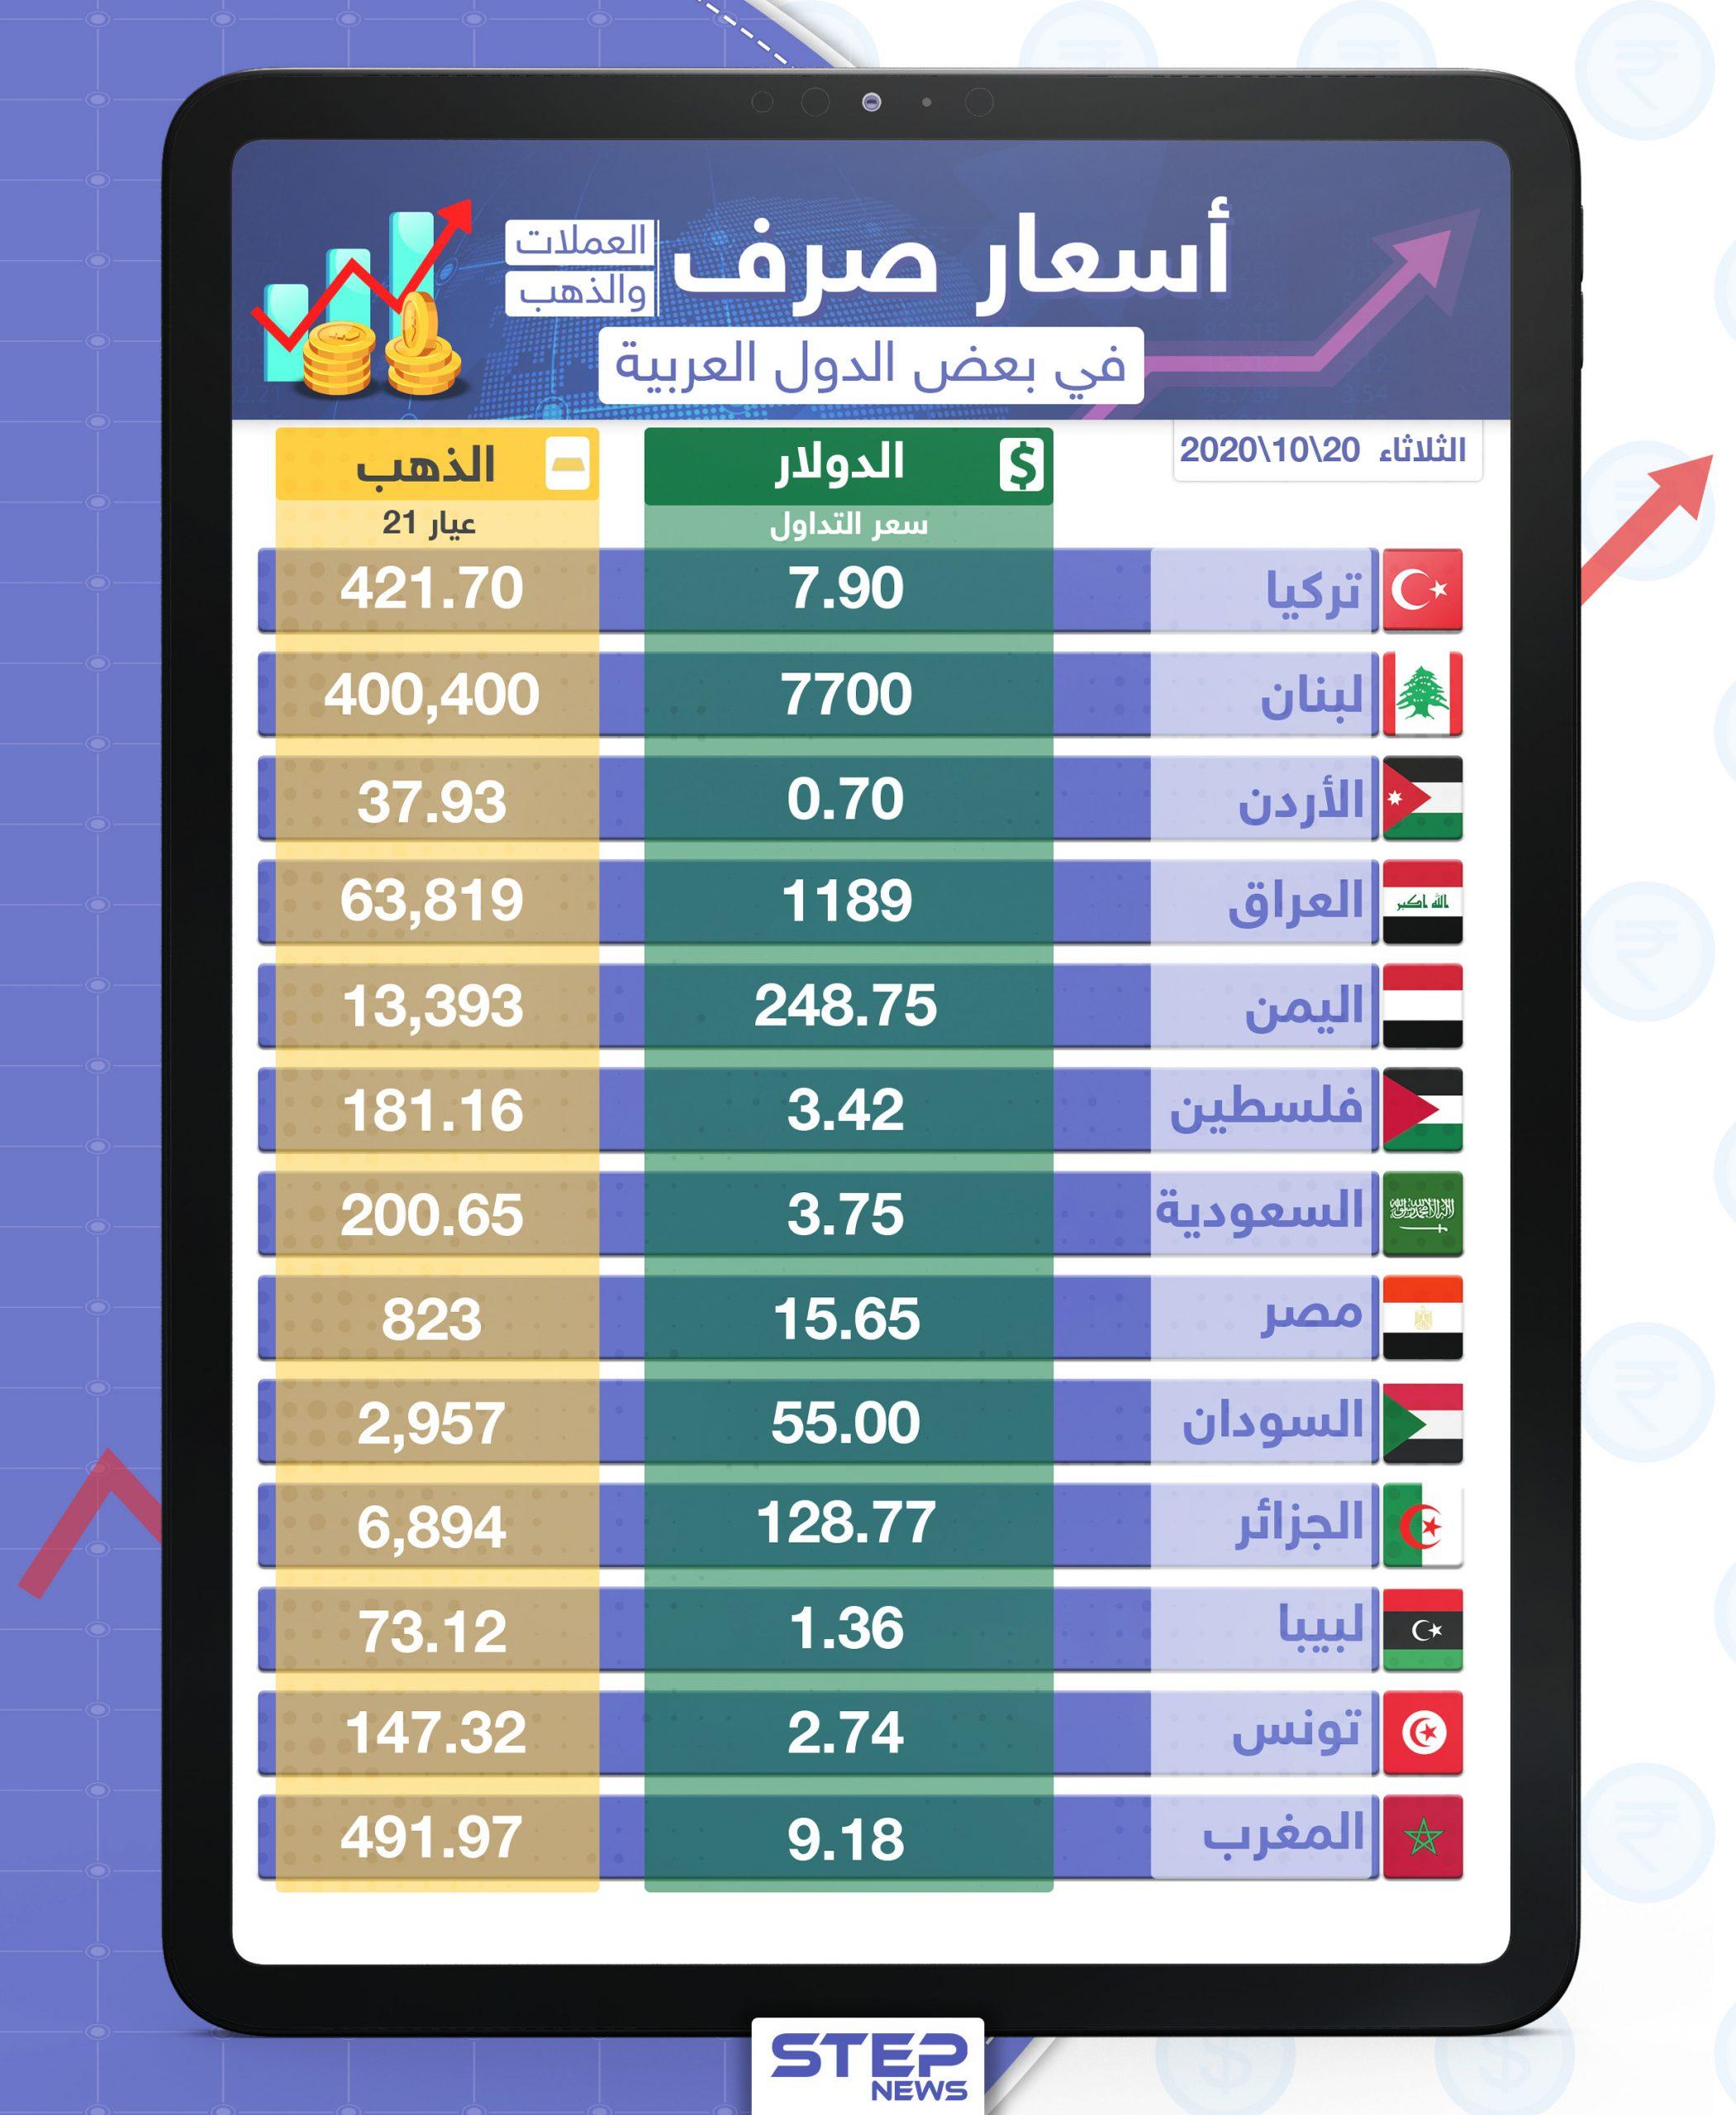 أسعار الذهب والعملات للدول العربية وتركيا اليوم الثلاثاء الموافق 20 تشرين الأول 2020